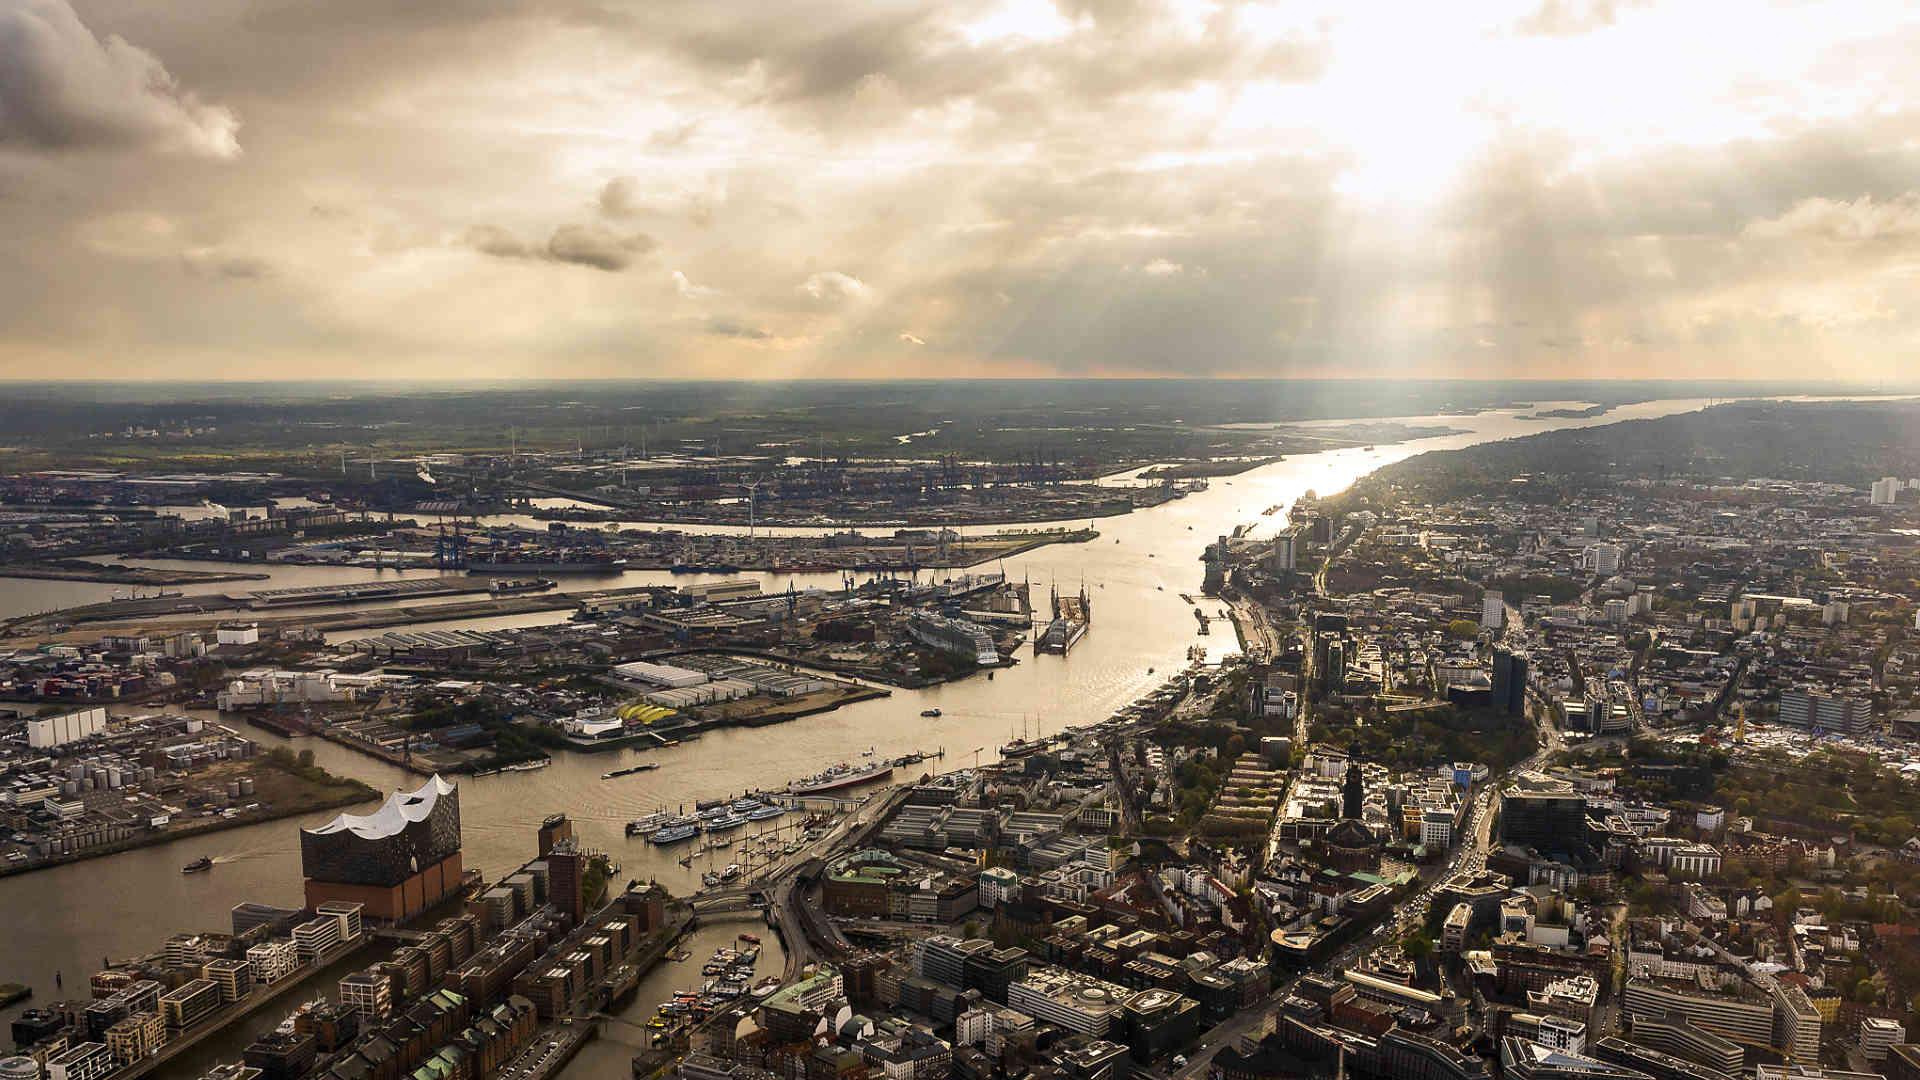 Luftaufnahme von Hamburg, Elbe, Hafen, Altstadt